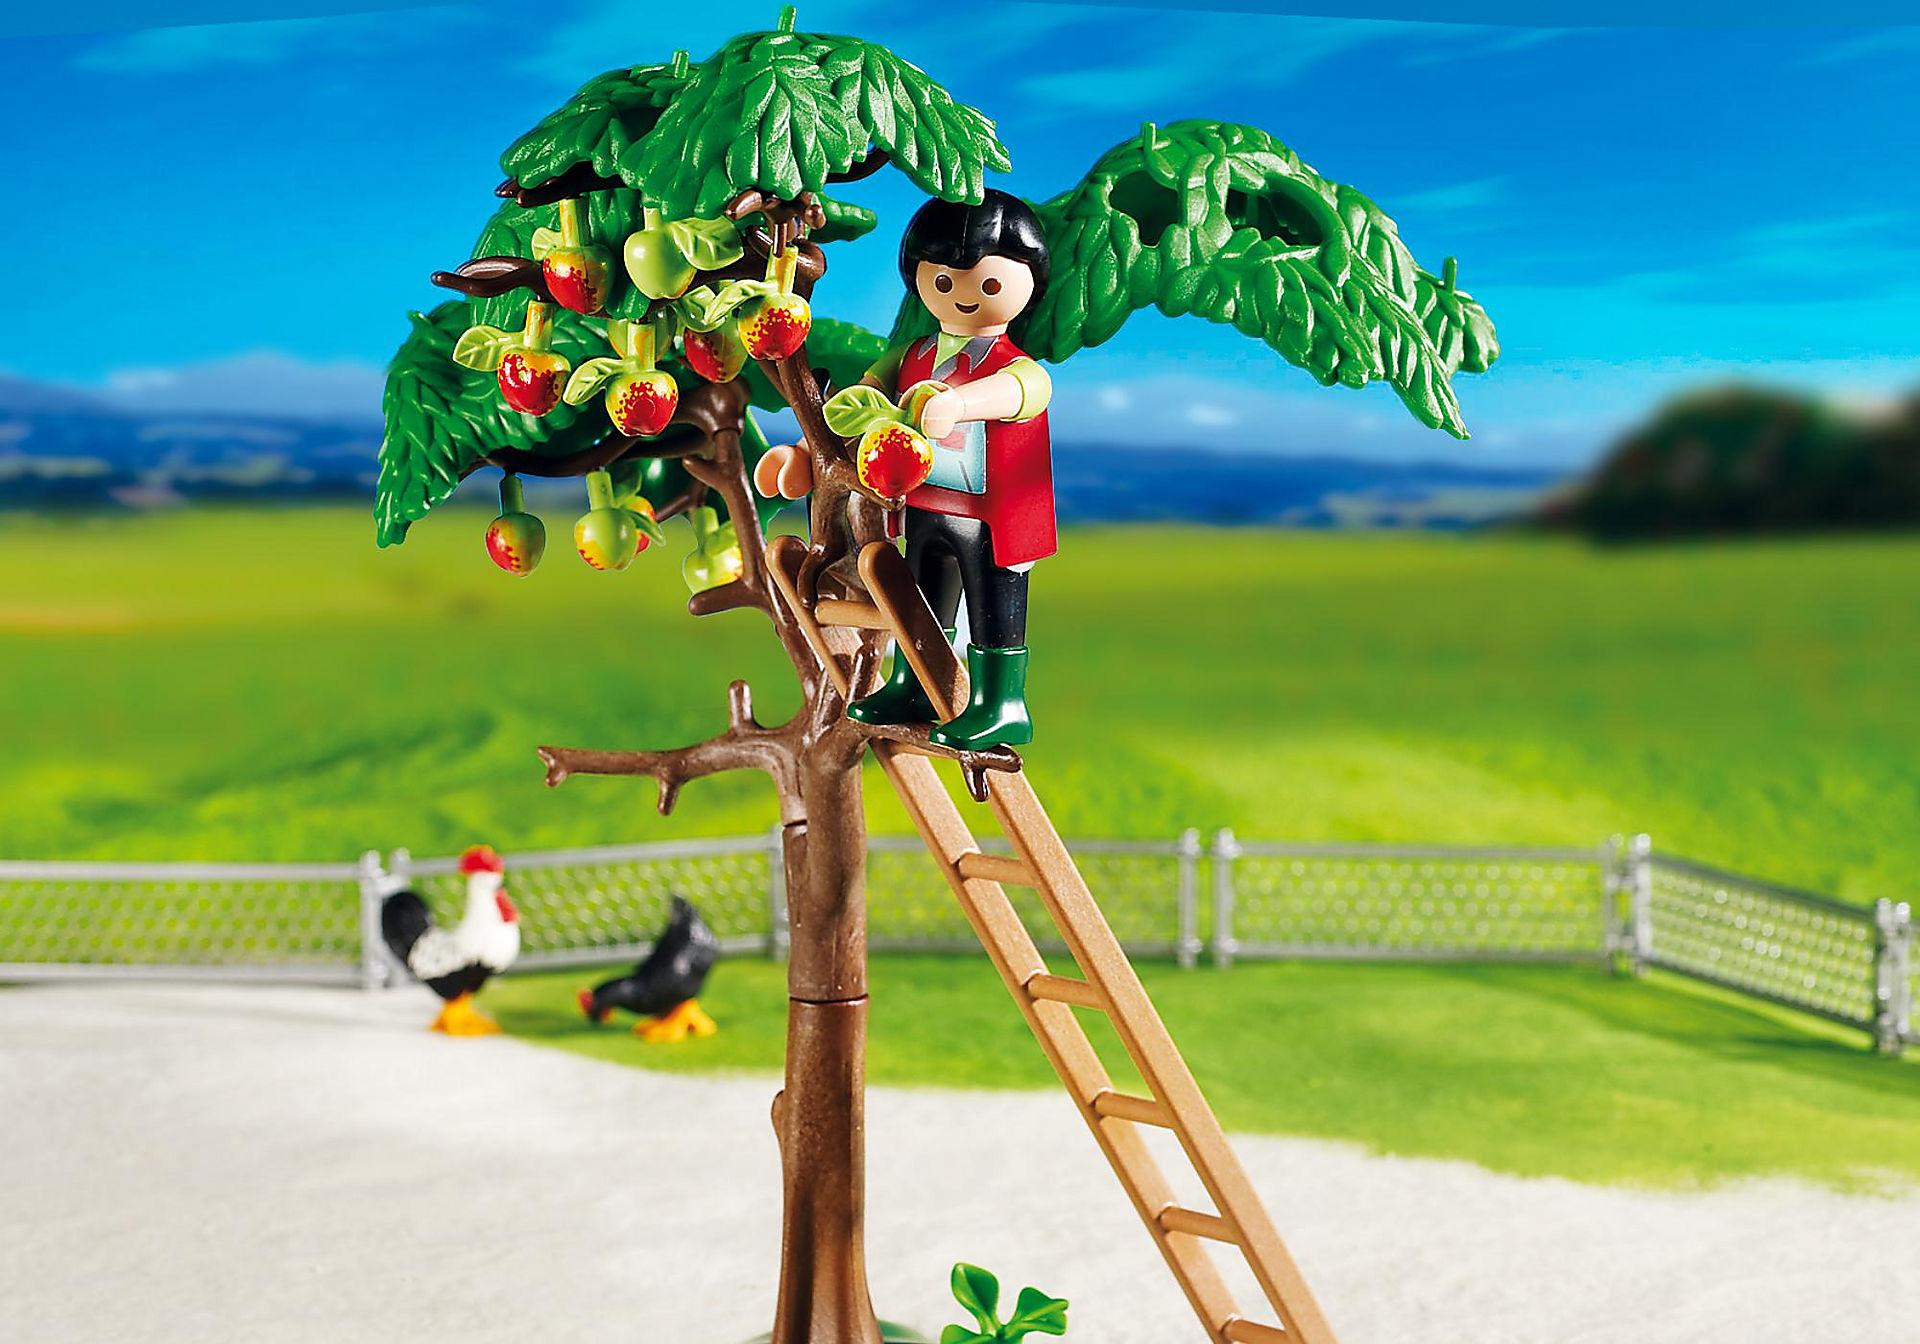 http://media.playmobil.com/i/playmobil/5120_product_extra2/Casa de Campo com Loja